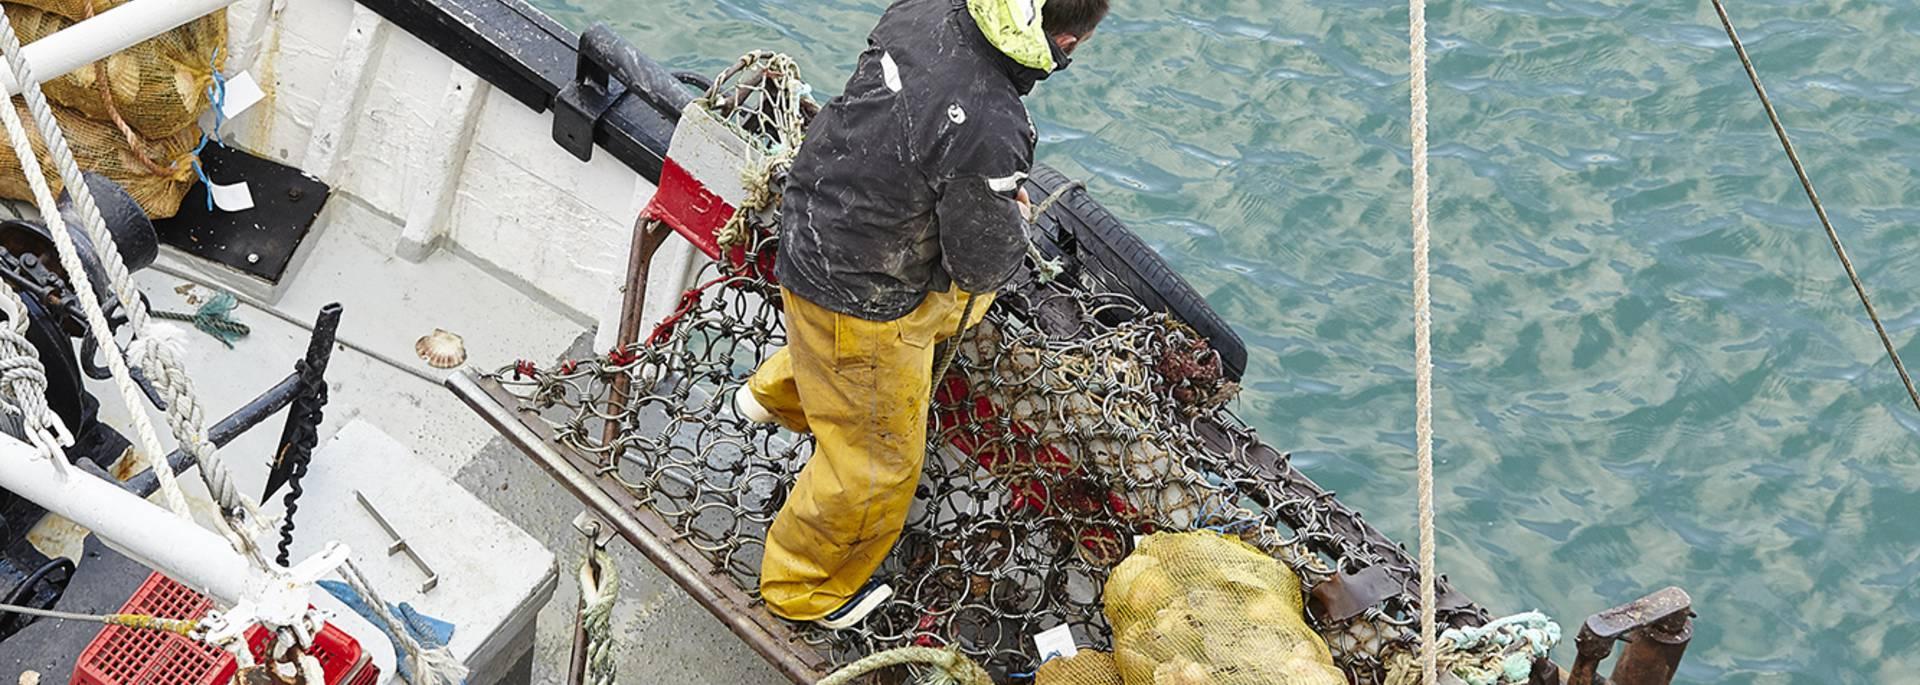 Pêche à la coquille saint jacques